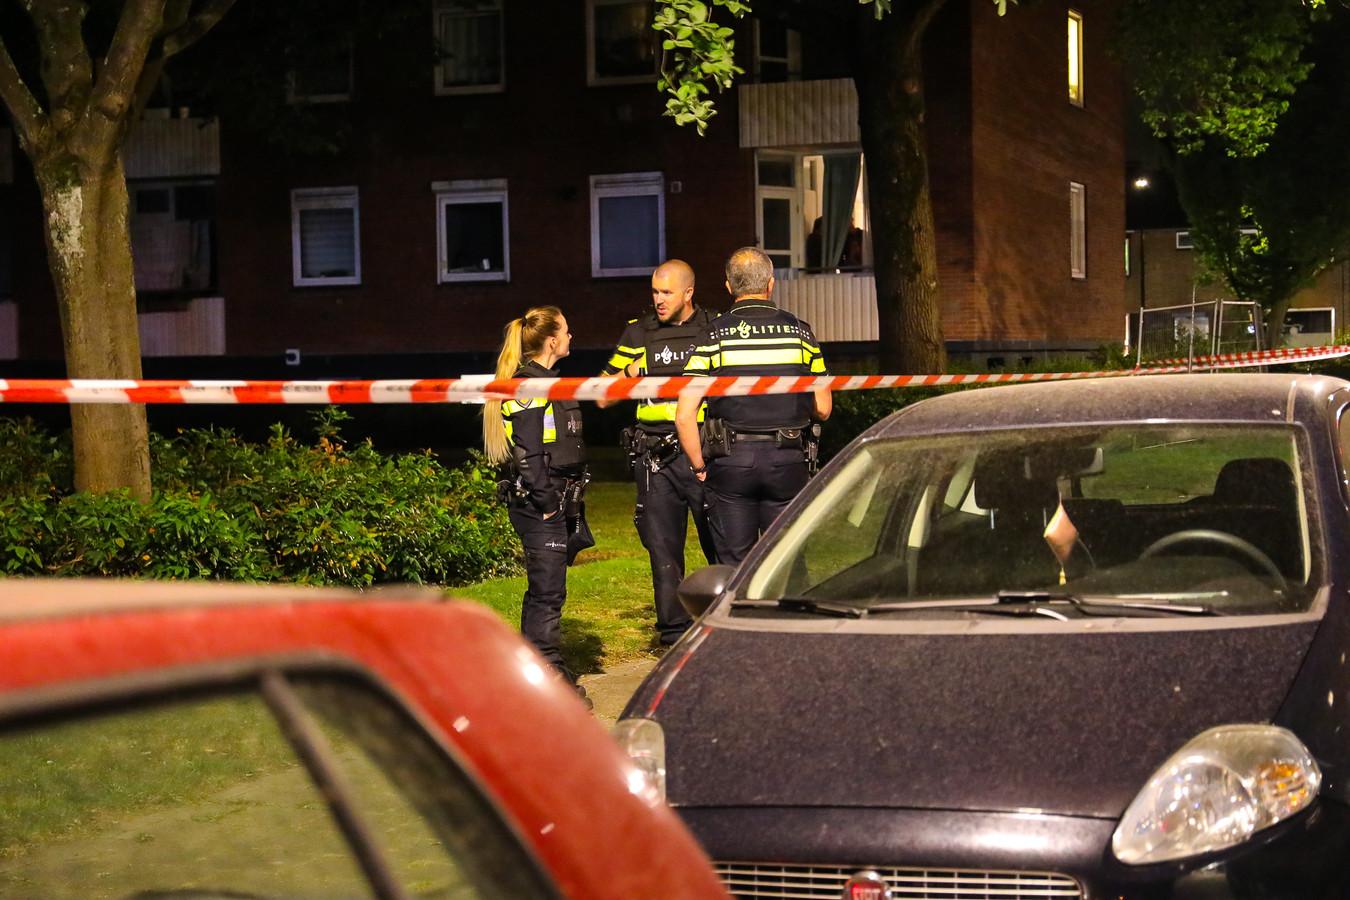 Politieactie in de omgeving van de Kayersdijk in Apeldoorn, nadat een vrouw met een vuurwapen is bedreigd en met pepperspray is bespoten.